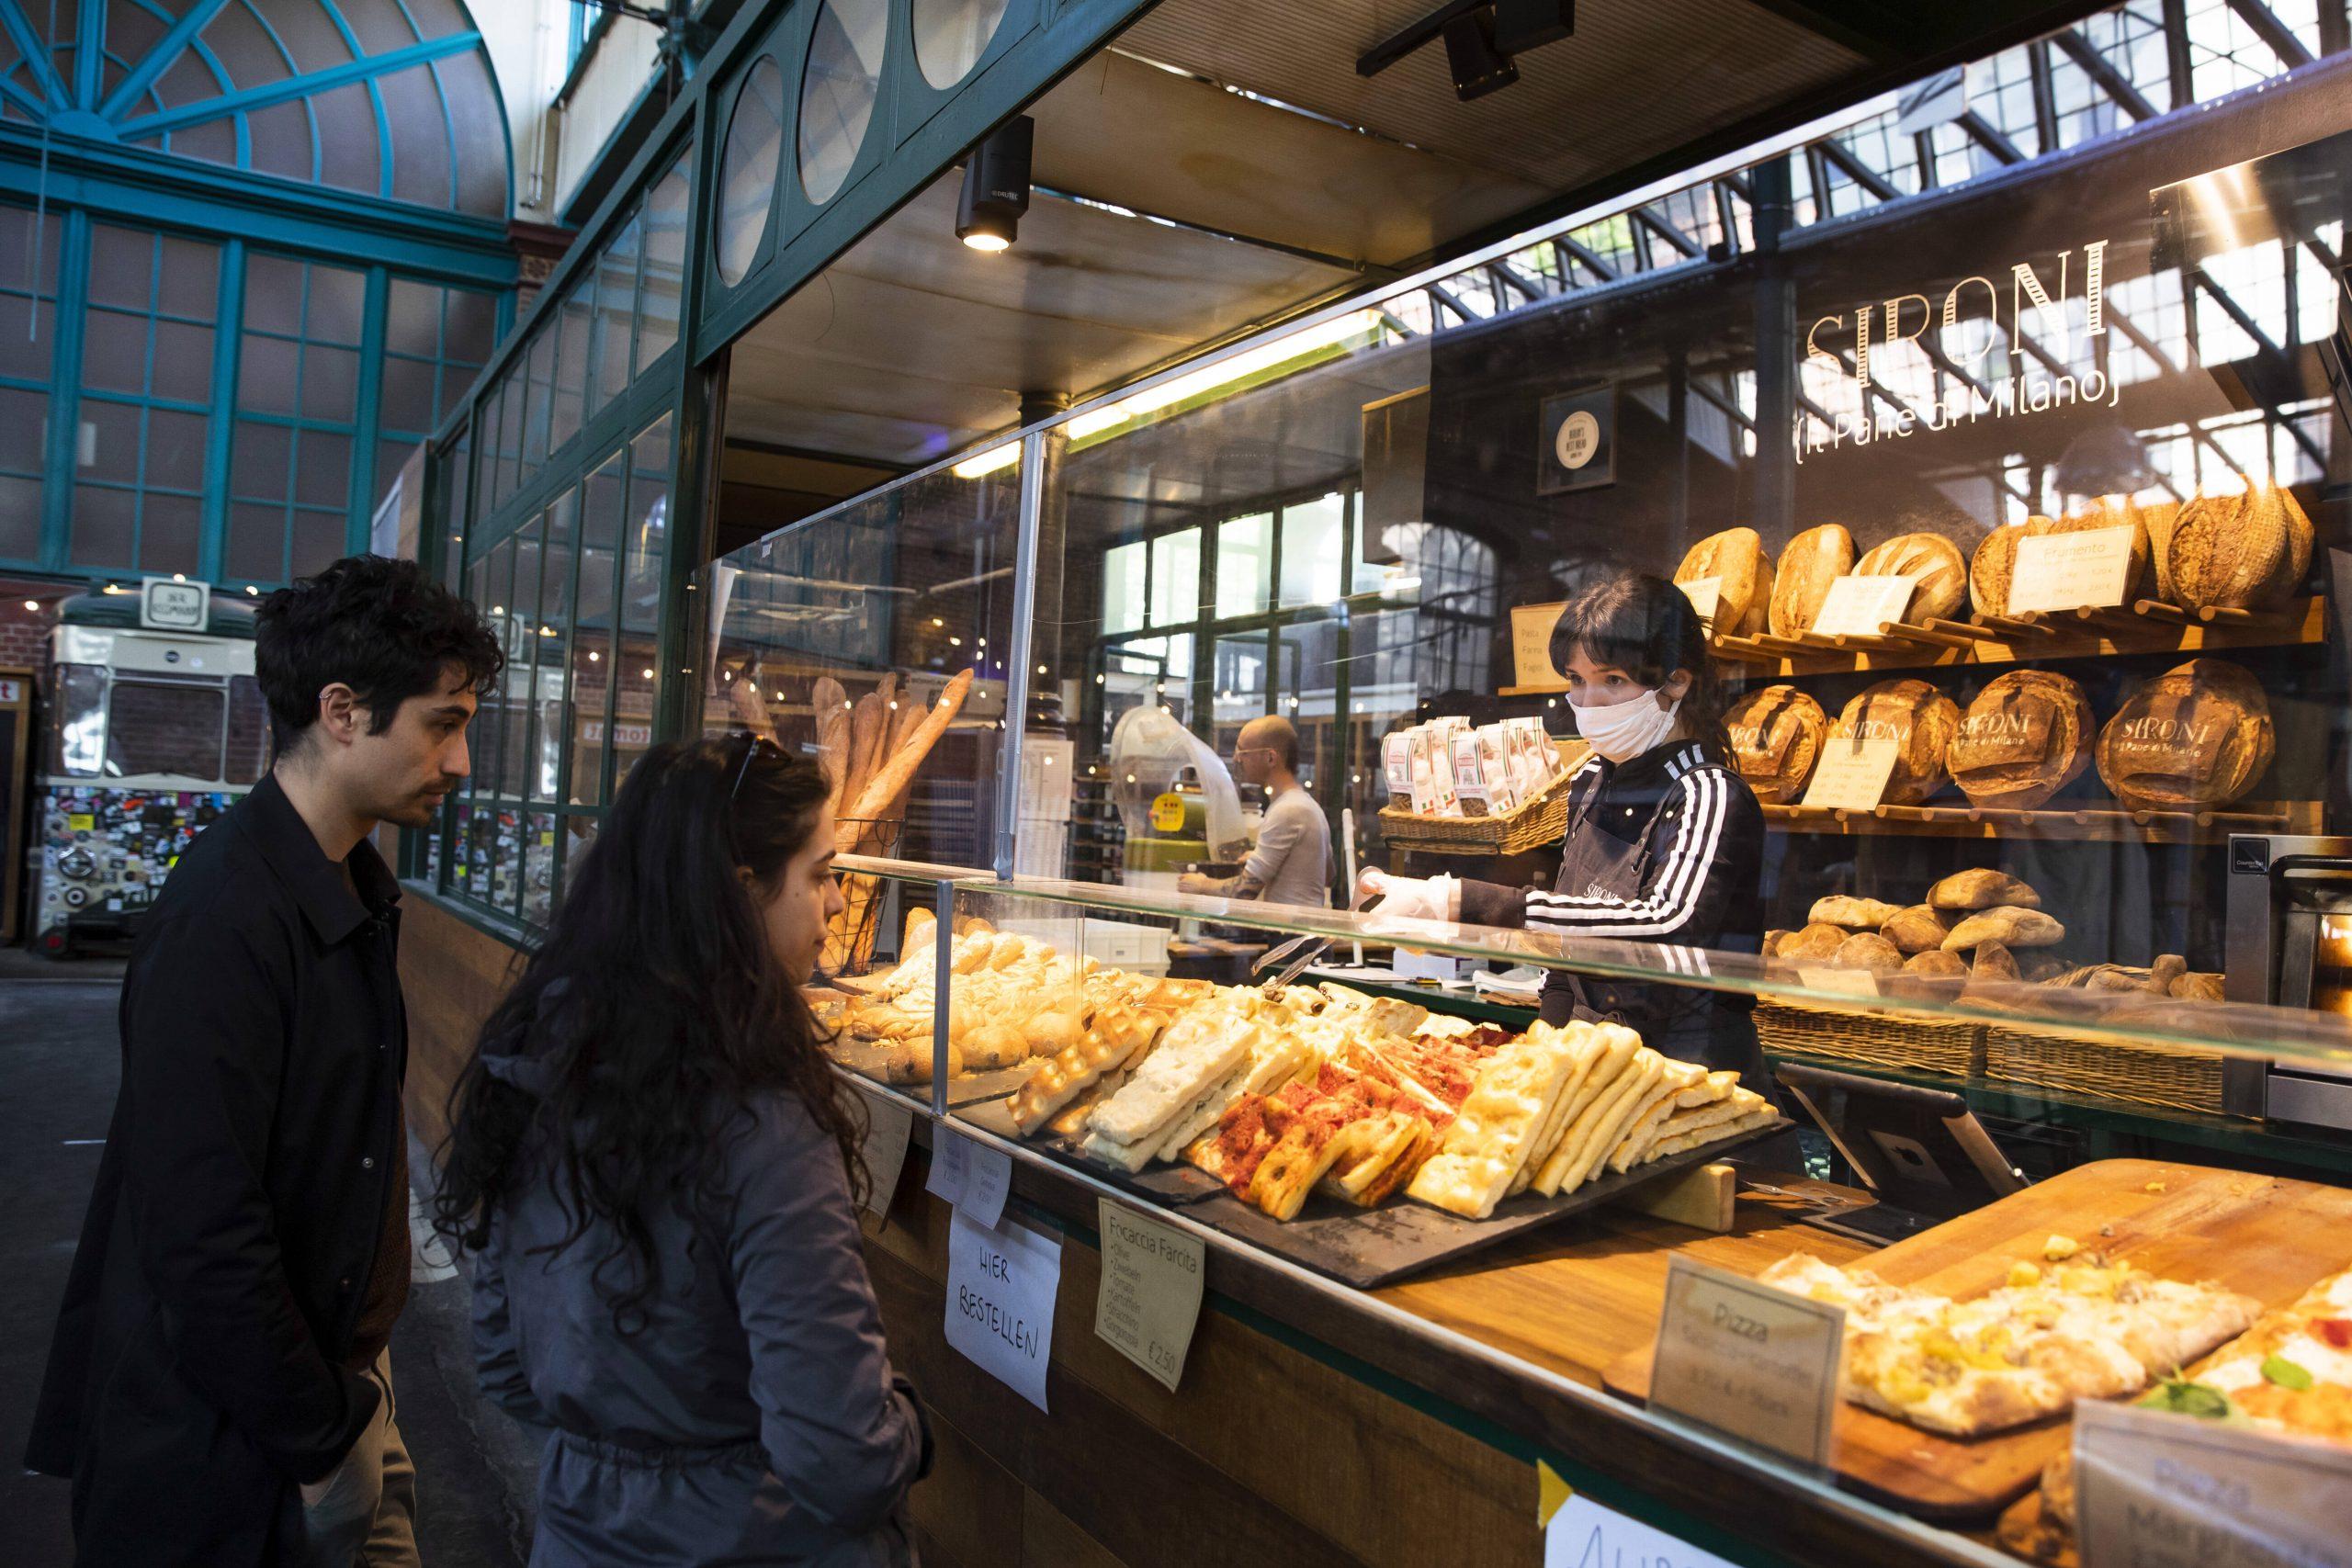 Nicht nur Pizza und Brot: bei Sironi werden Croissants auf italienisch gebacken in Berlin